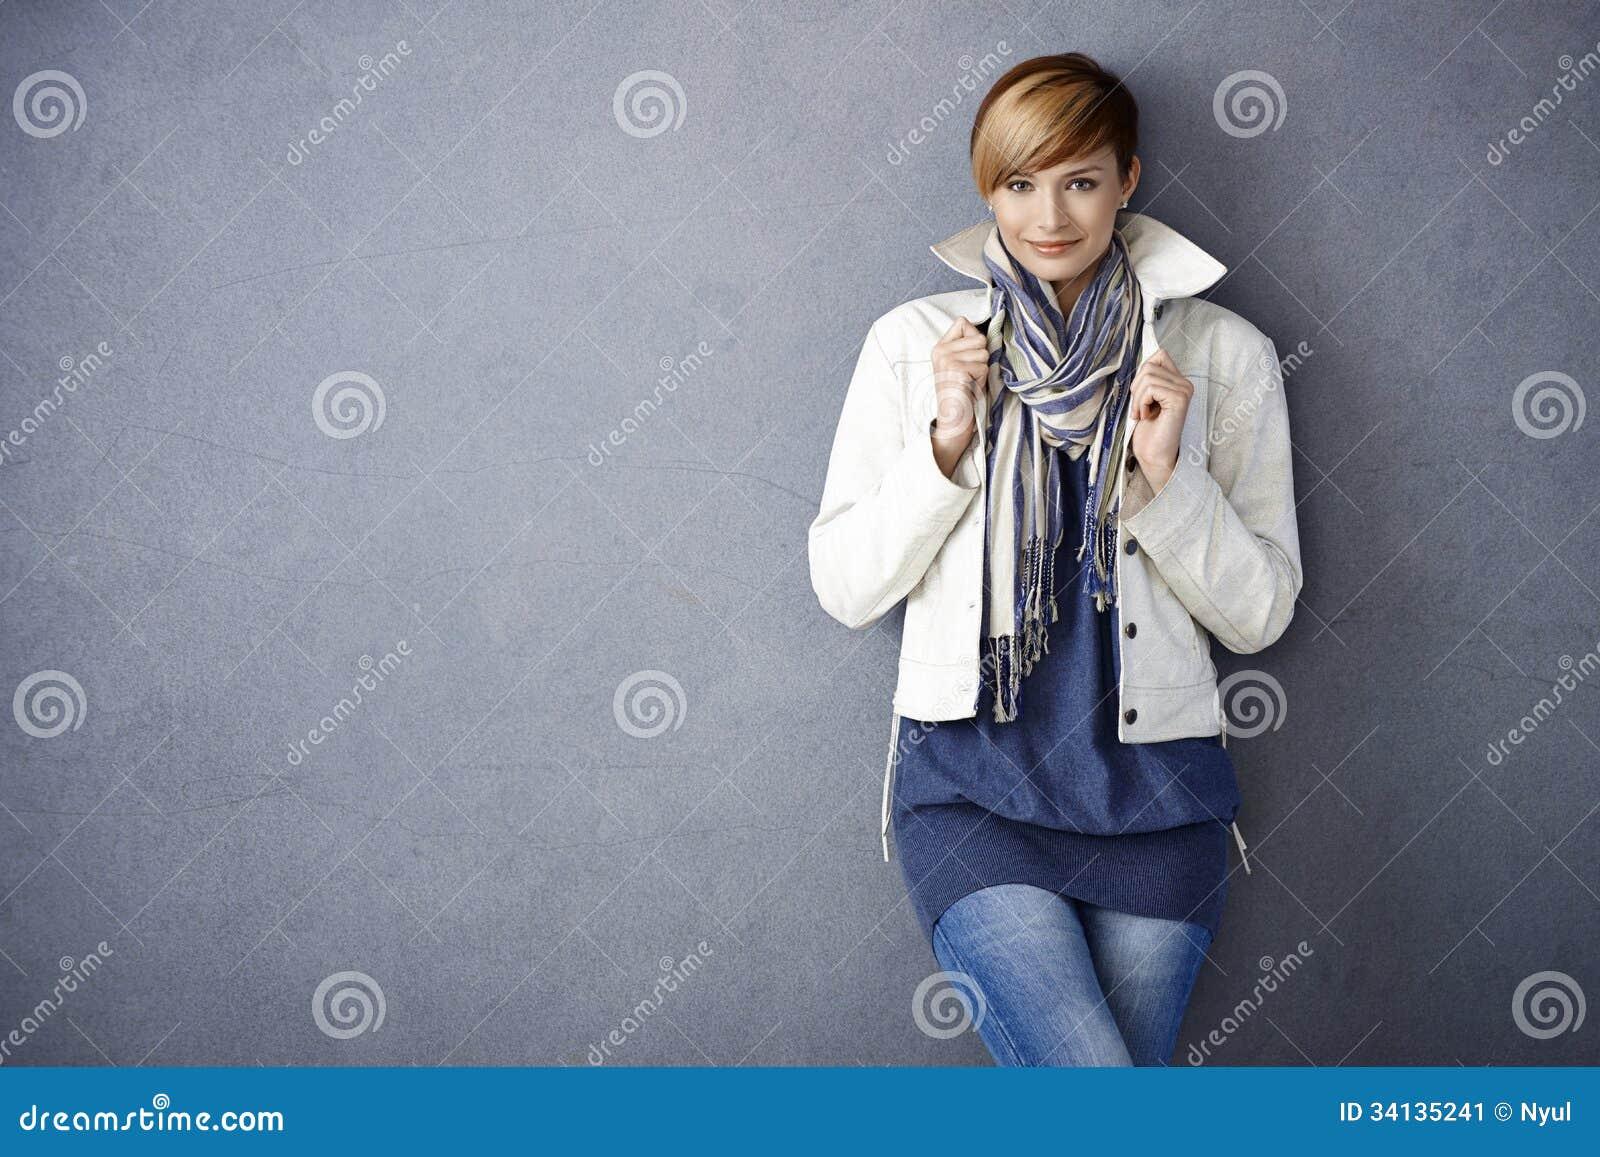 Ελκυστική νέα γυναίκα στο άσπρο σακάκι